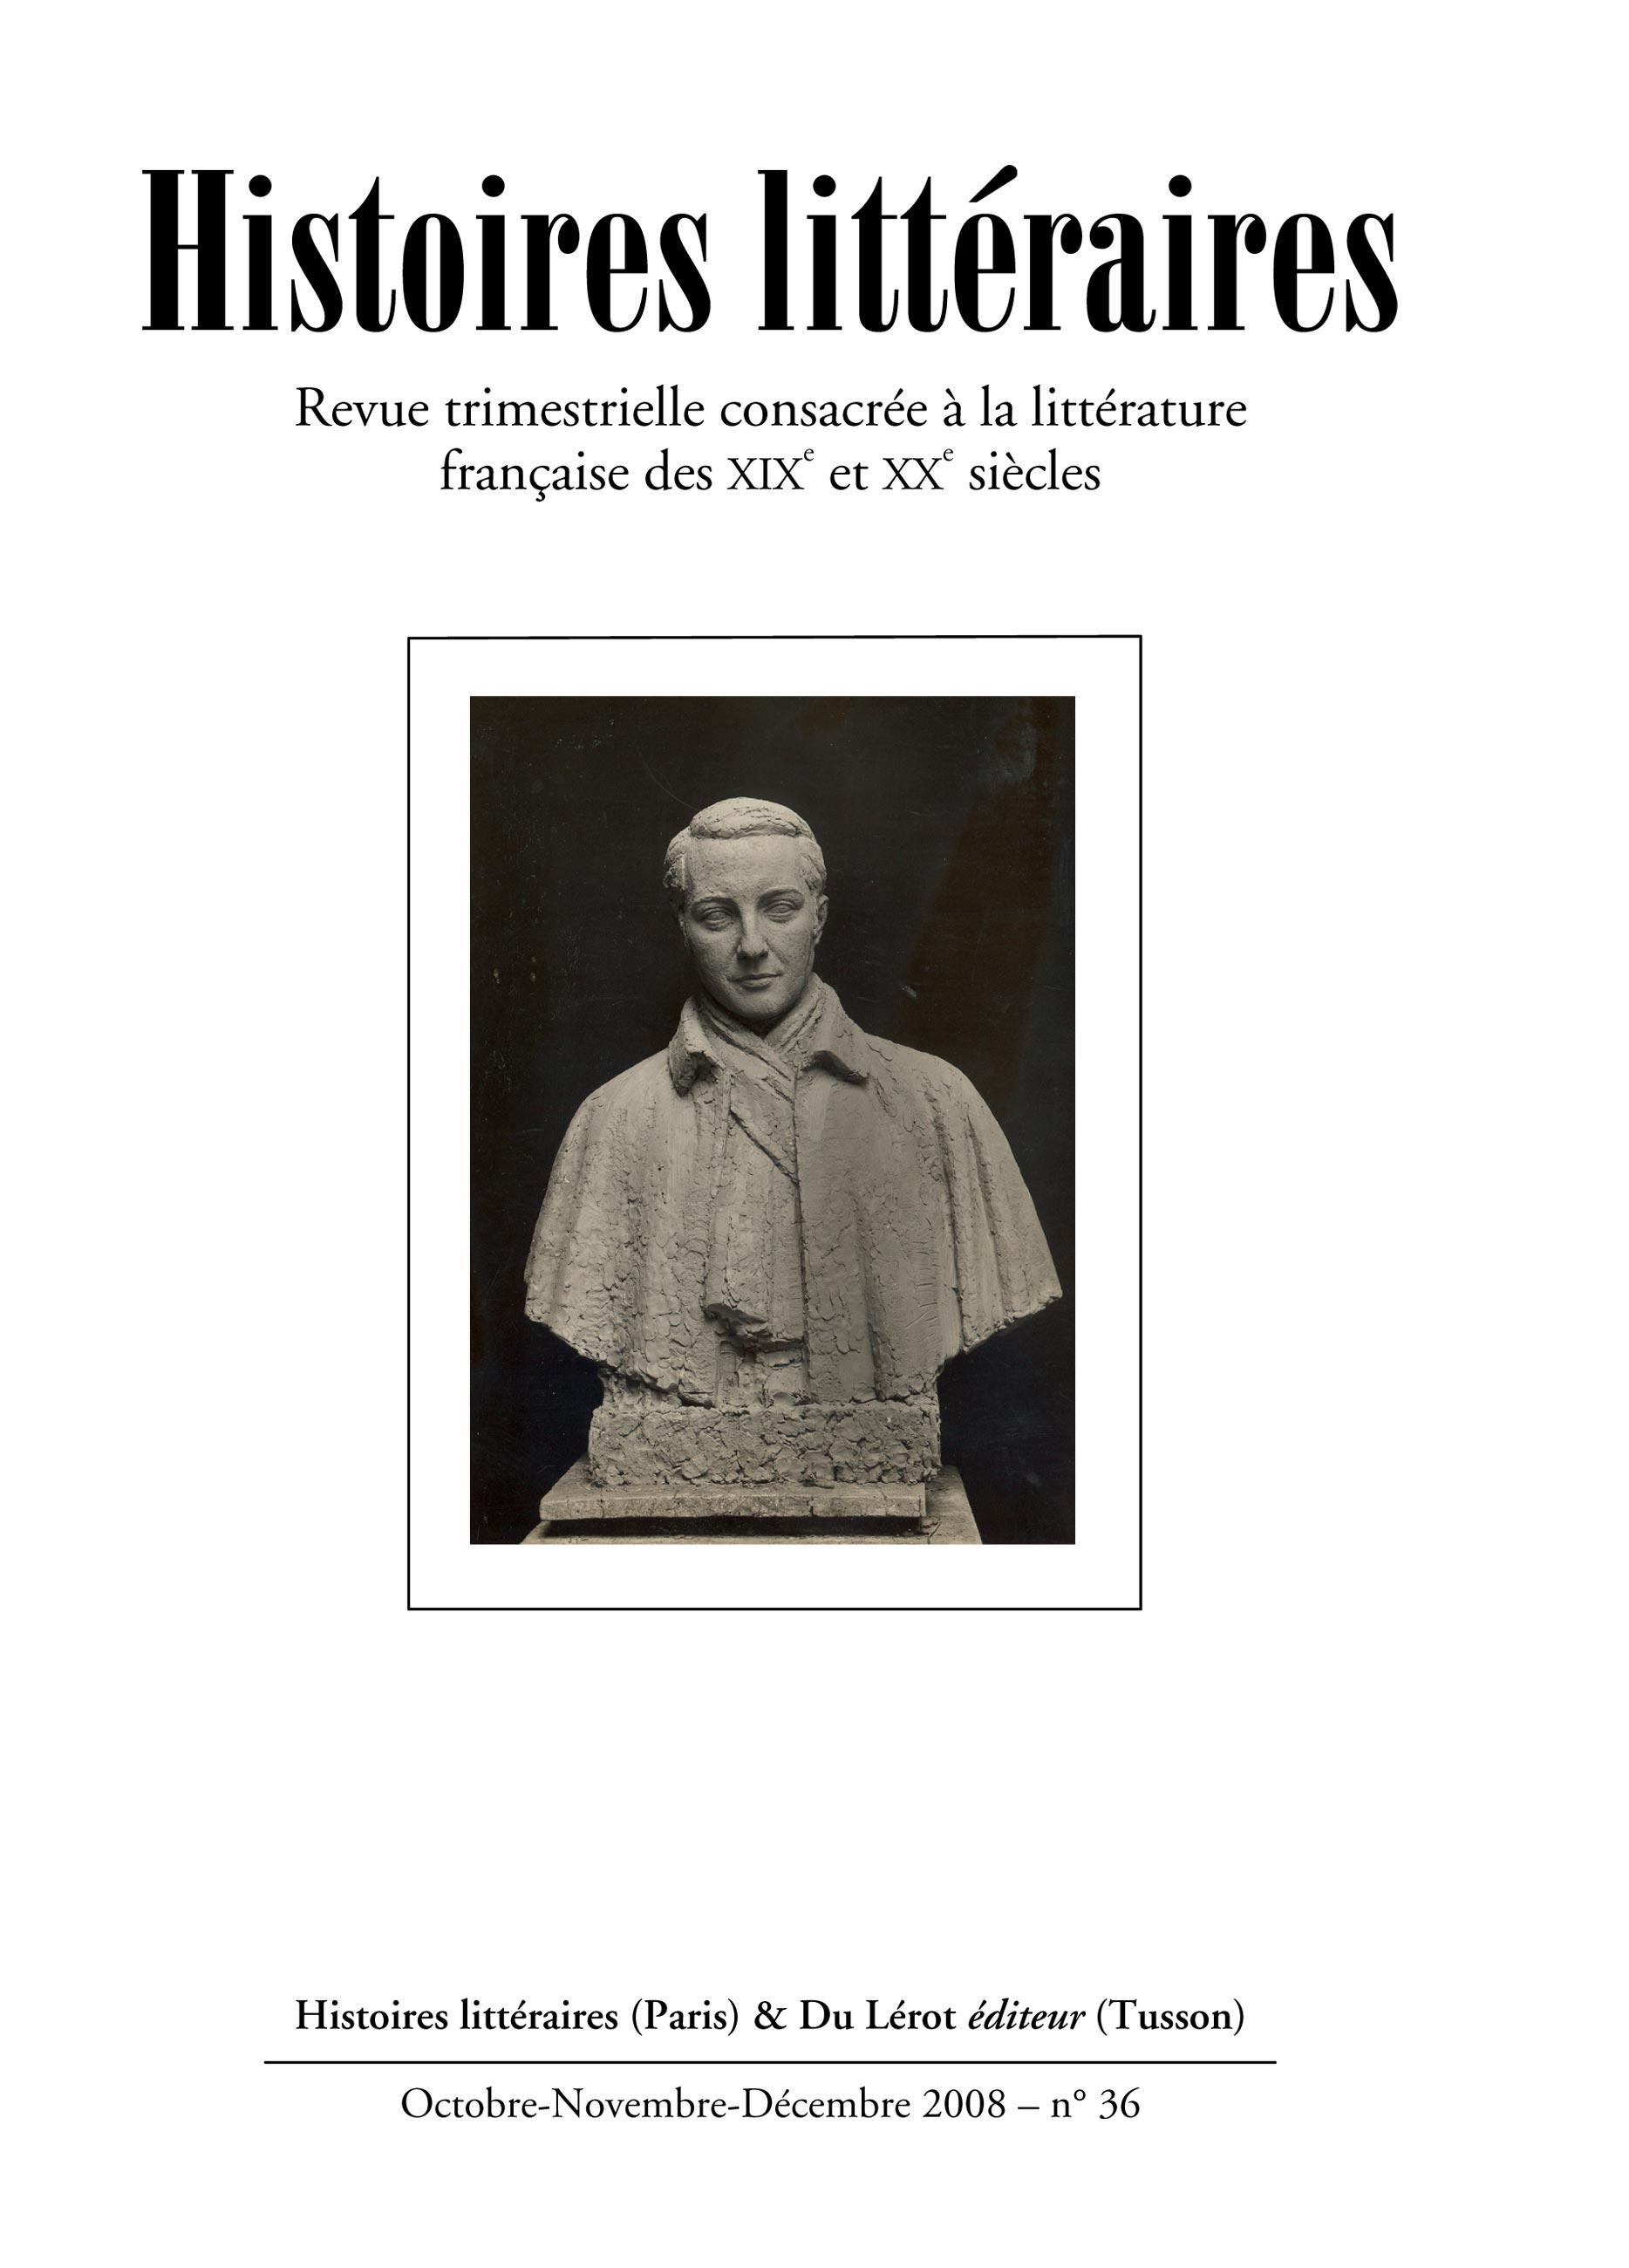 Couvertures d'Histoires littéraires n°36